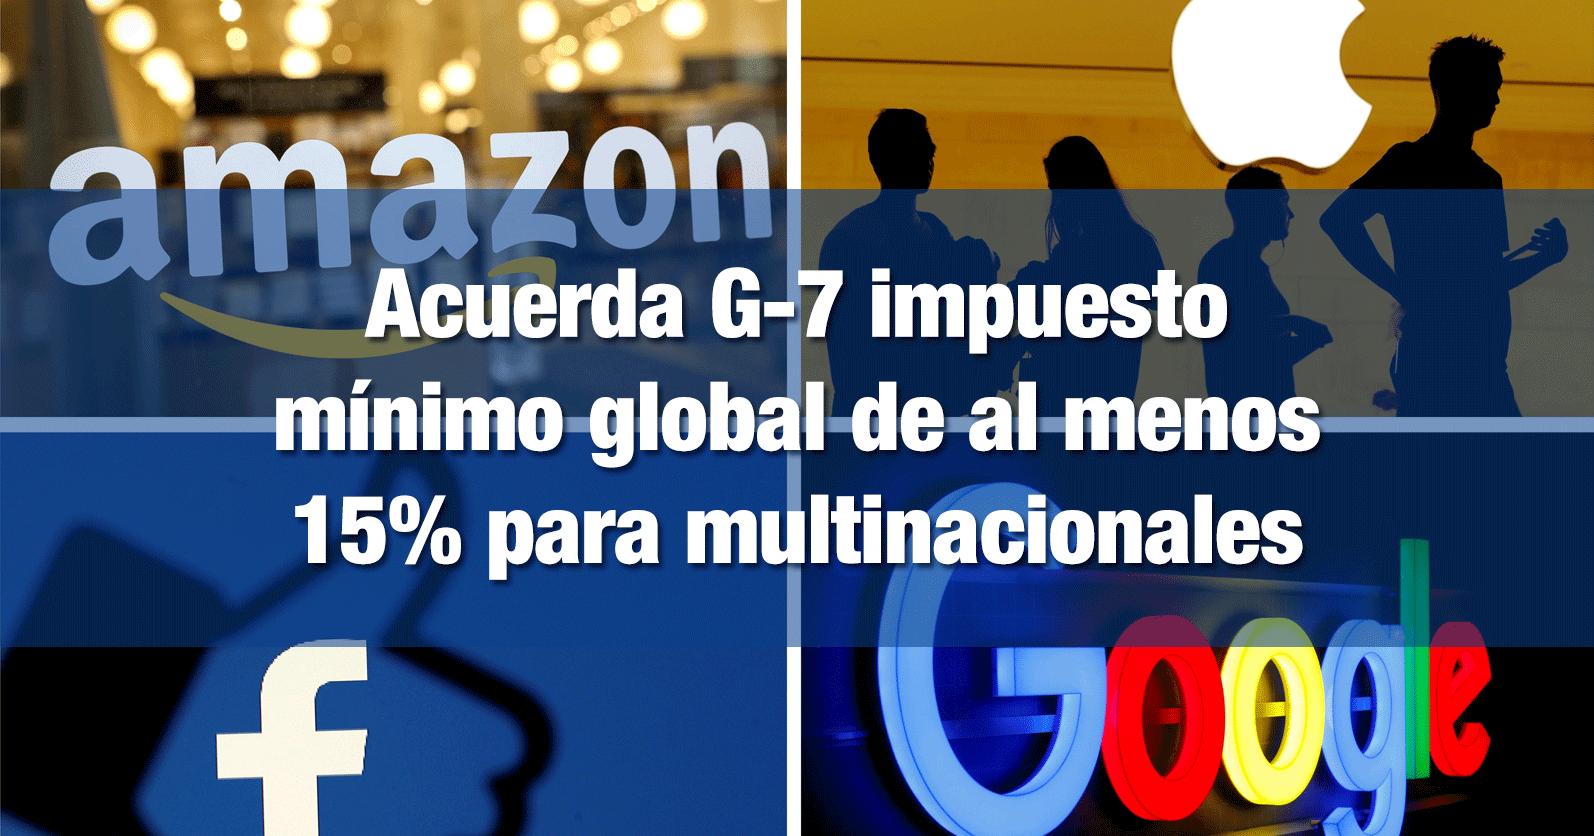 Acuerda G-7 impuesto mínimo global de al menos 15% para multinacionales